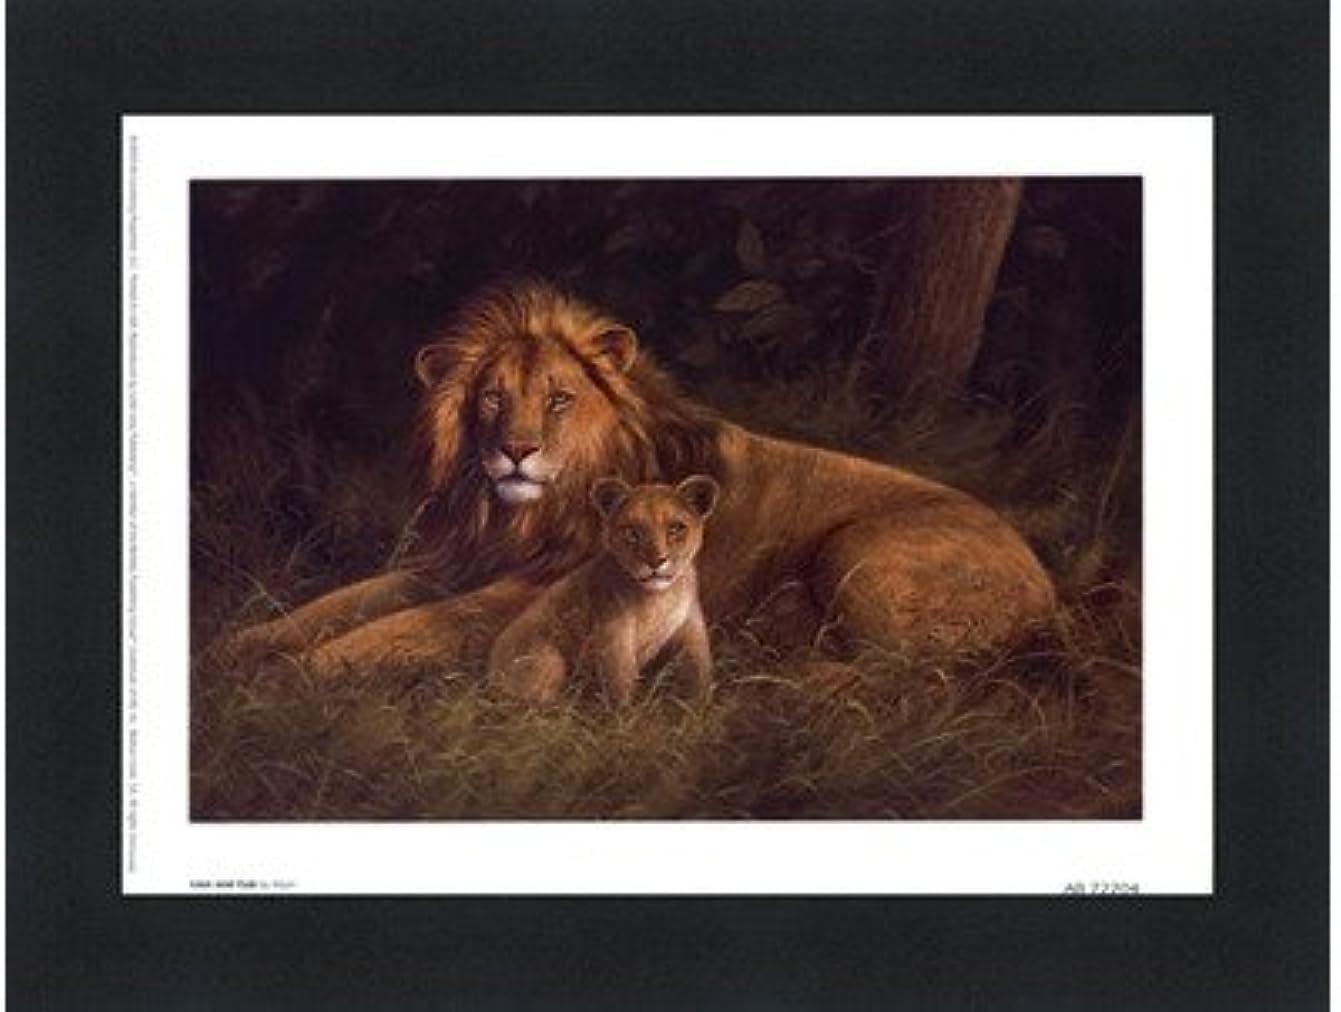 ランデブー頼む落ち着かないLion and Cub by Kilian – 8 x 6インチ – アートプリントポスター LE_66922-F101-8x6